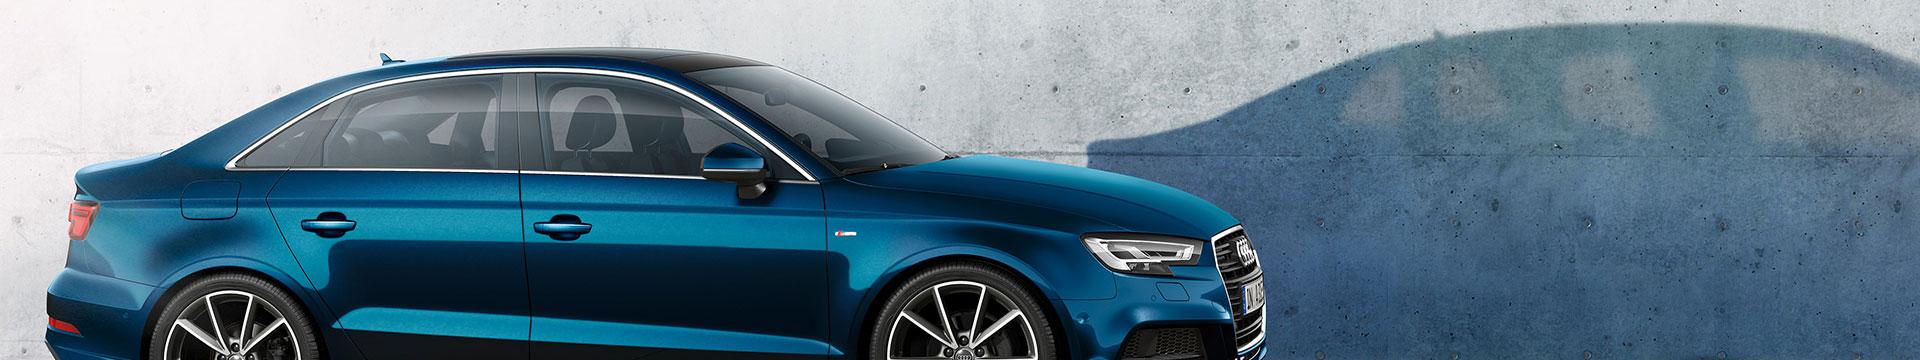 Παρουσίαση Νέου Α3 Sedan